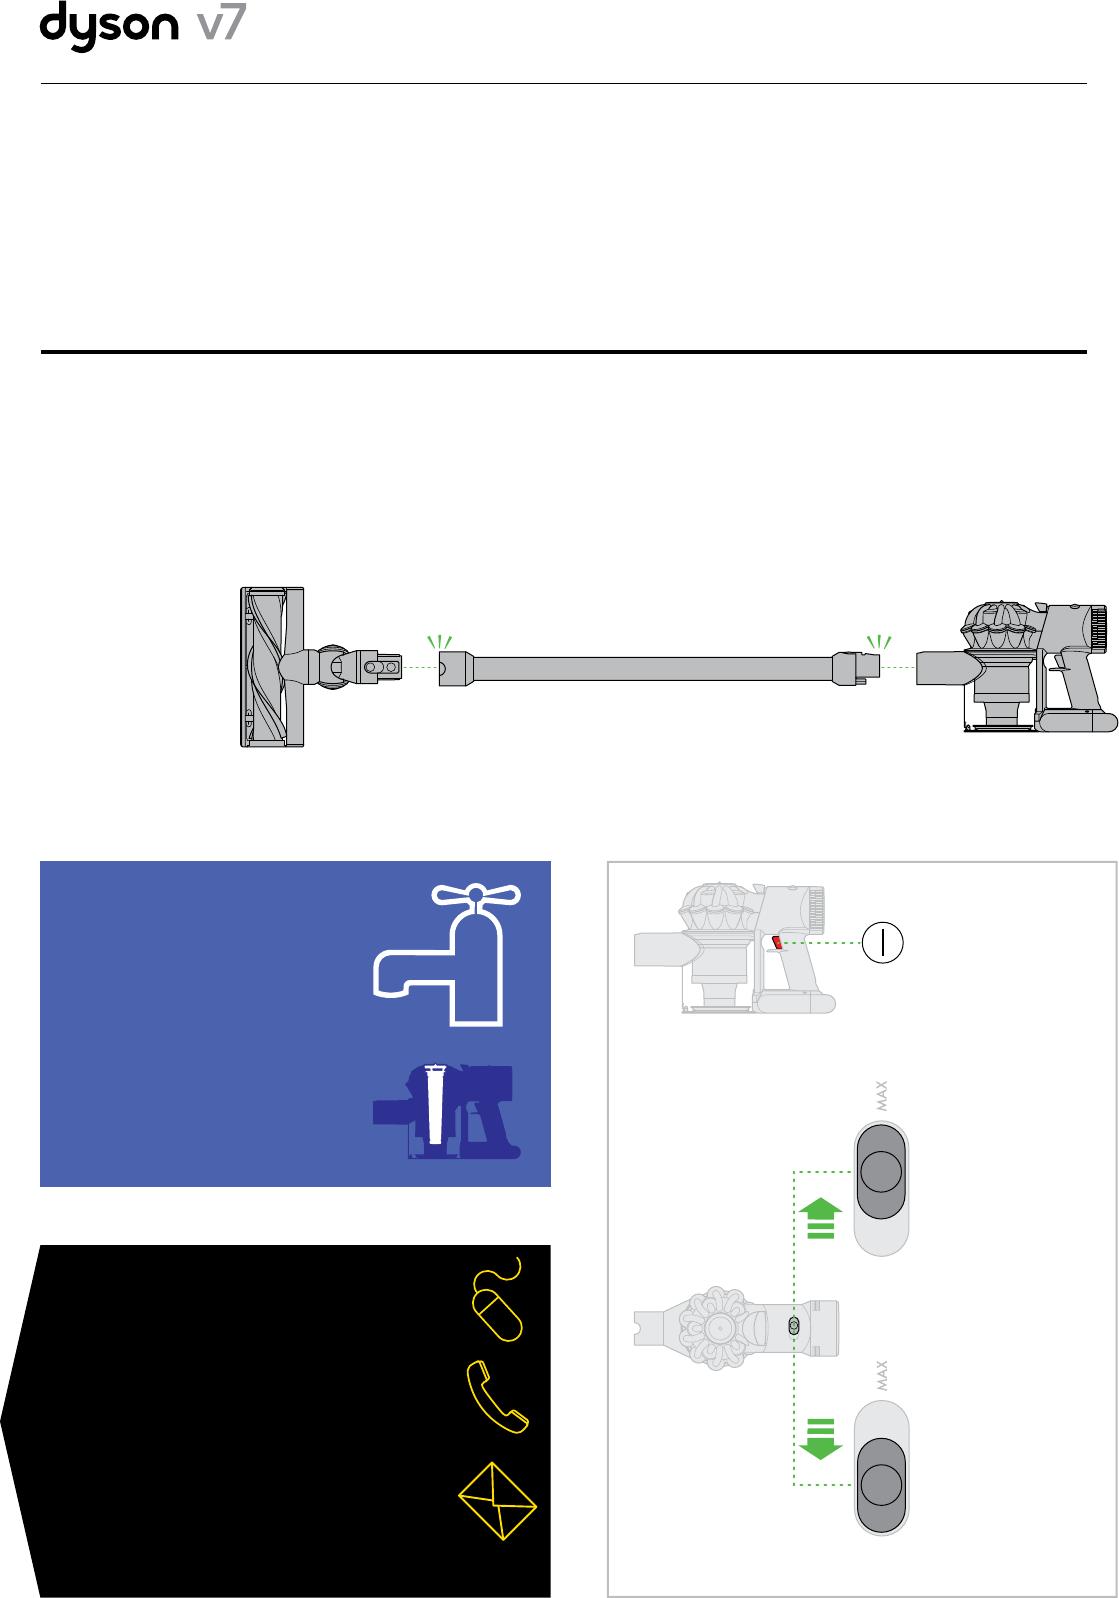 Кондиционер дайсон инструкция dyson на трубе